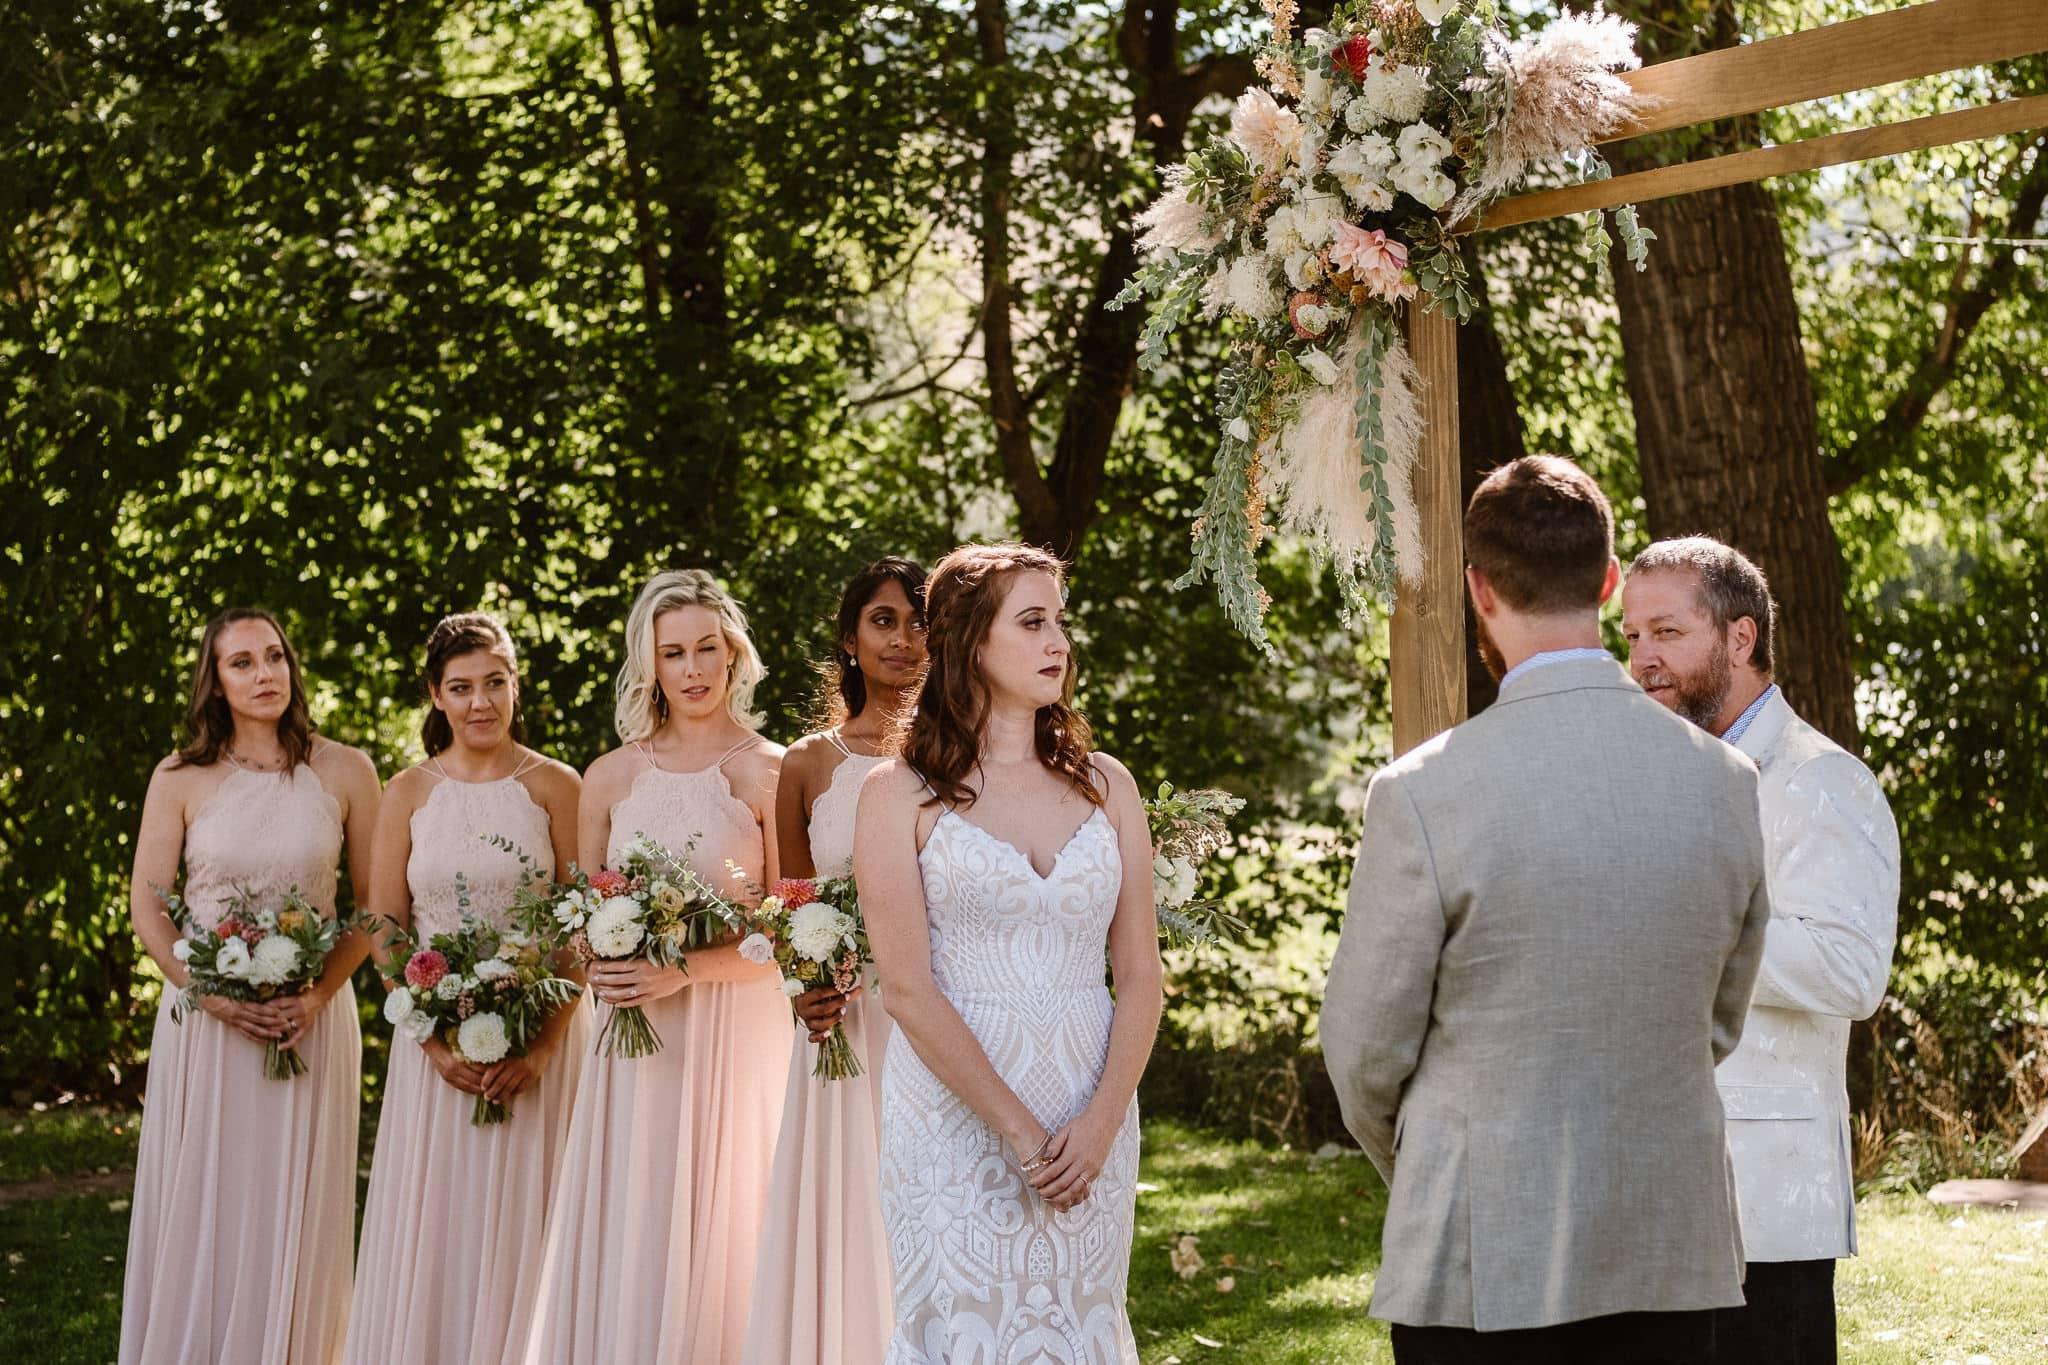 Lyons Farmette wedding photographer, Colorado intimate wedding photographer, wedding ceremony, wedding photos